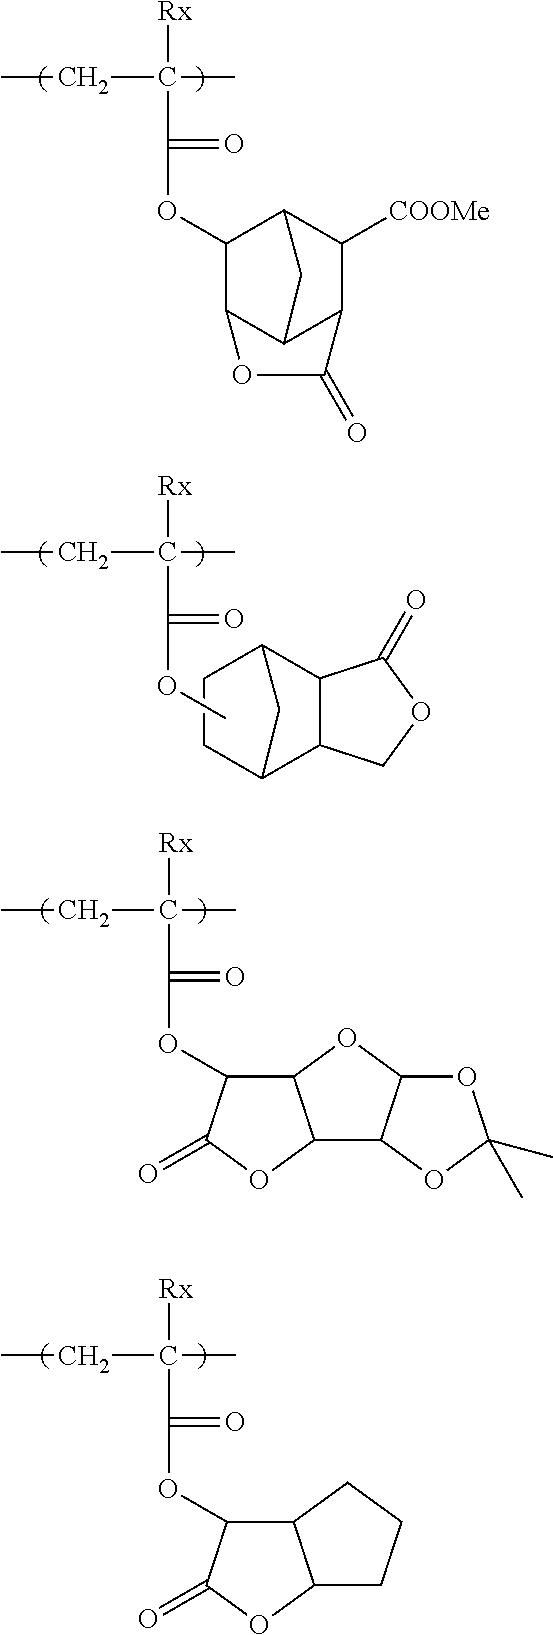 Figure US20110183258A1-20110728-C00051